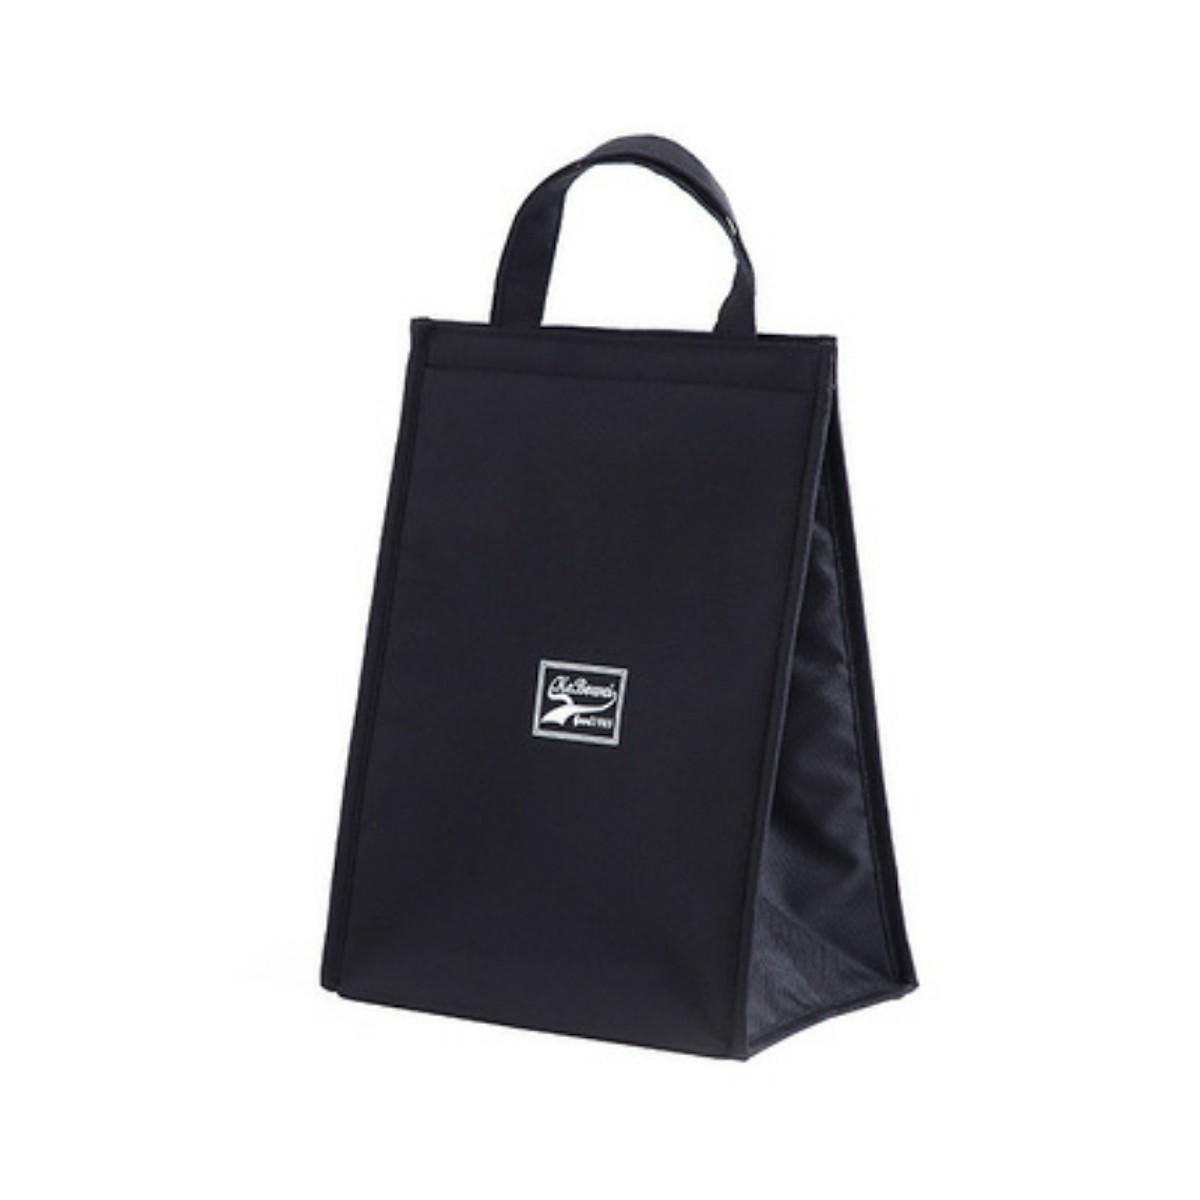 Túi đựng cơm cỡ lớn bằng vải Oxford1985